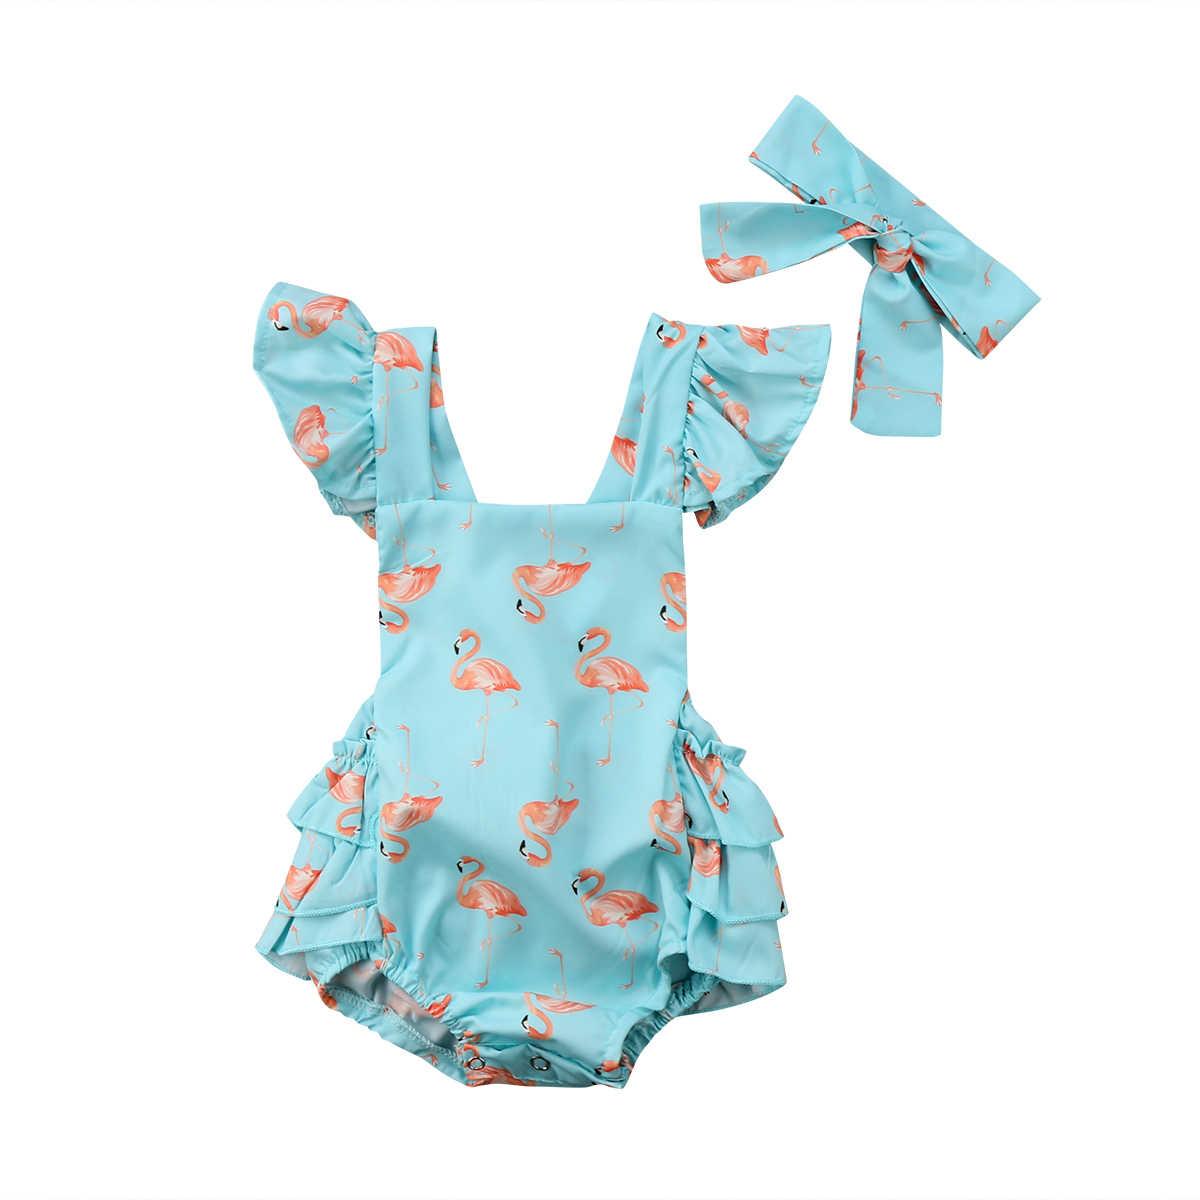 Хлопковое боди с цветочным рисунком для новорожденных девочек комбинезон без